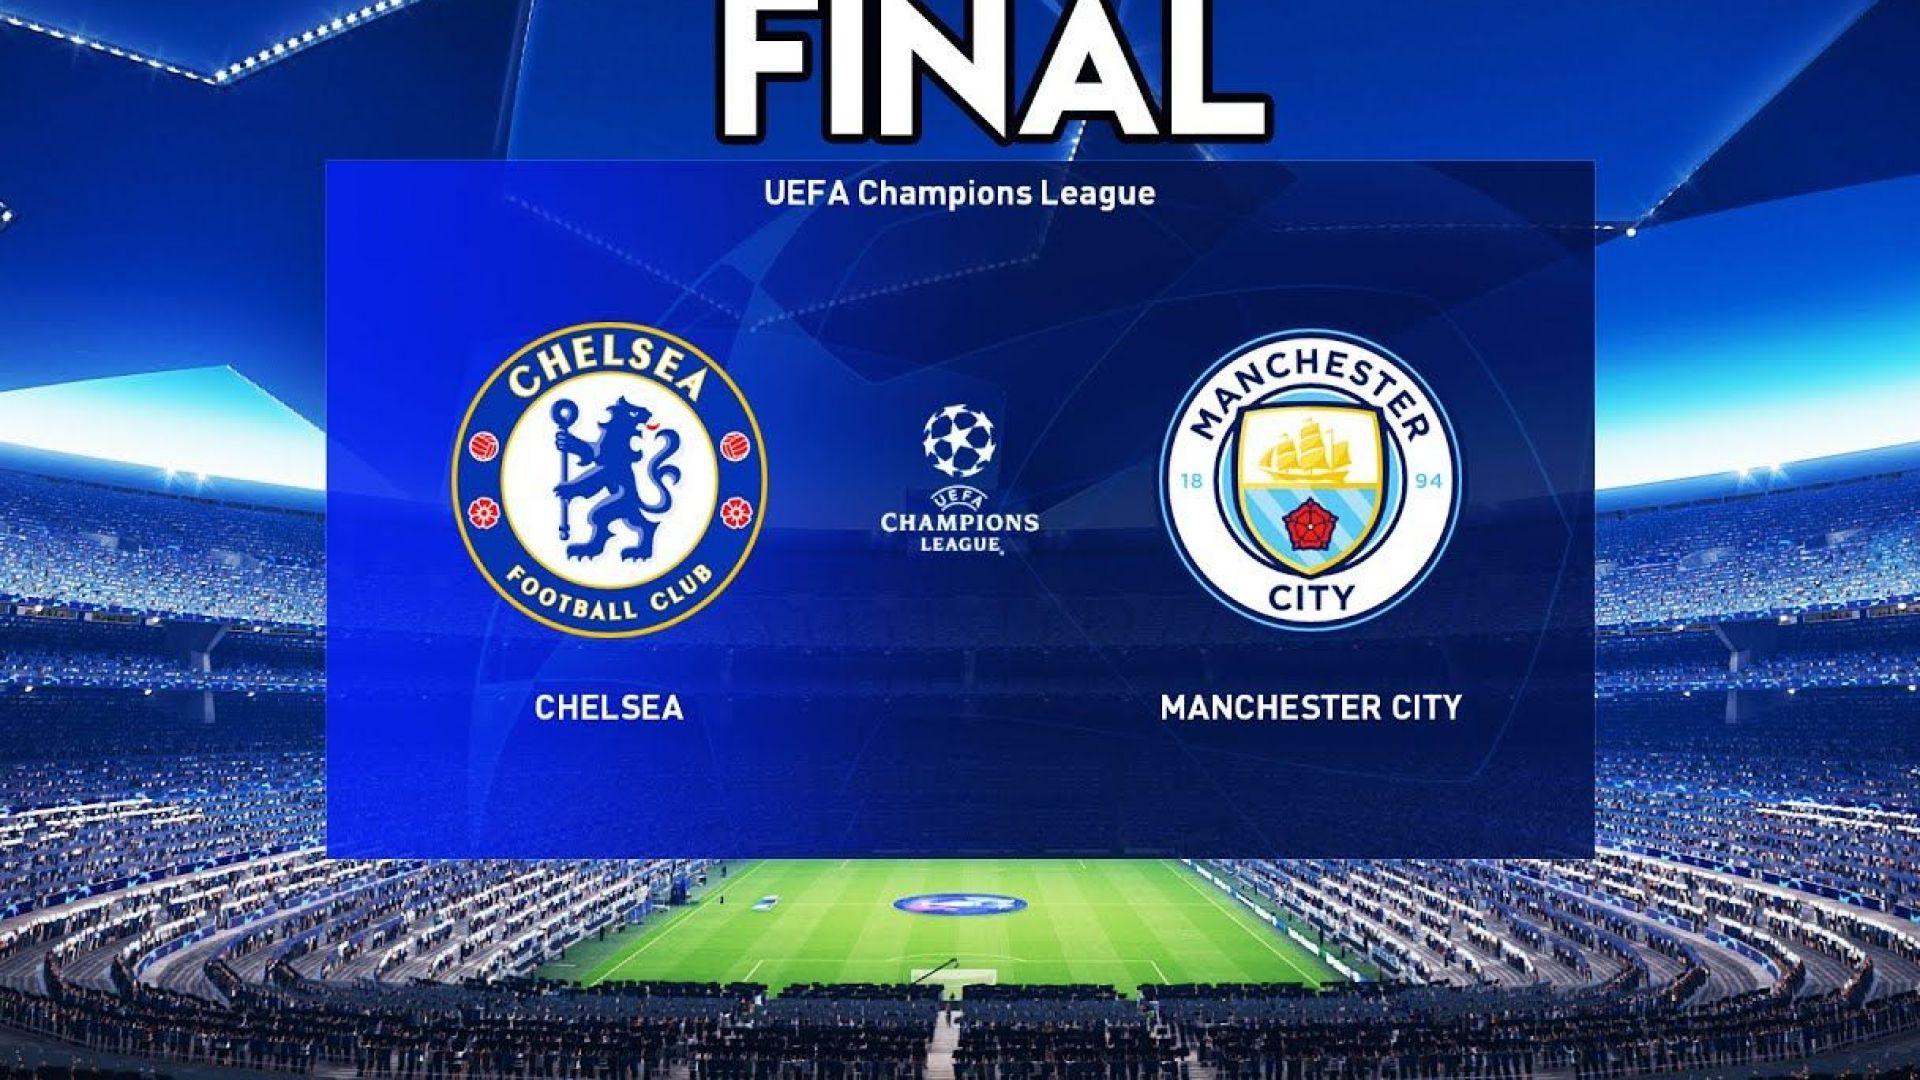 Sesame прогнозира зрелищно дерби между Челси и Манчестър Сити